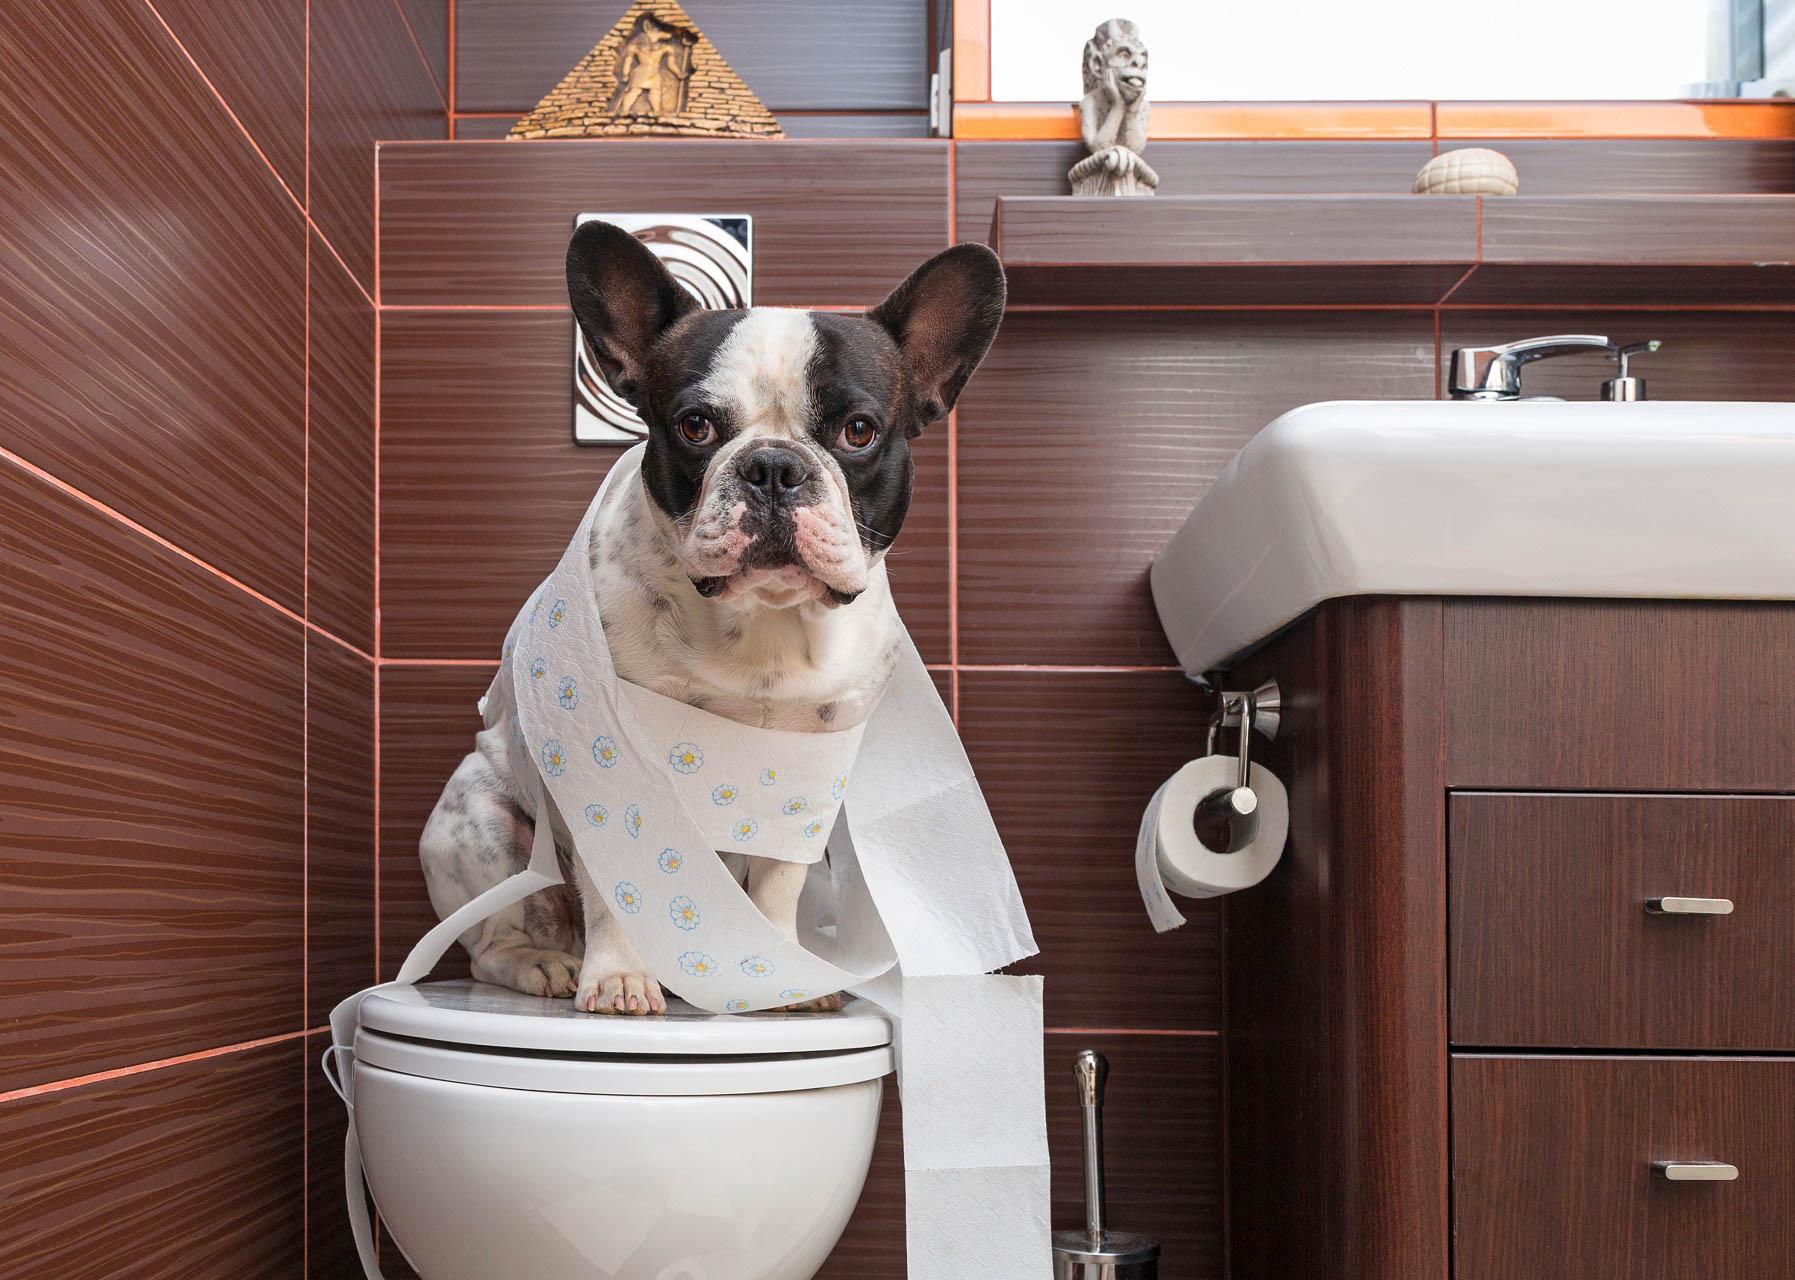 cách dạy chó đi vệ sinh đúng chỗ thành công 100%